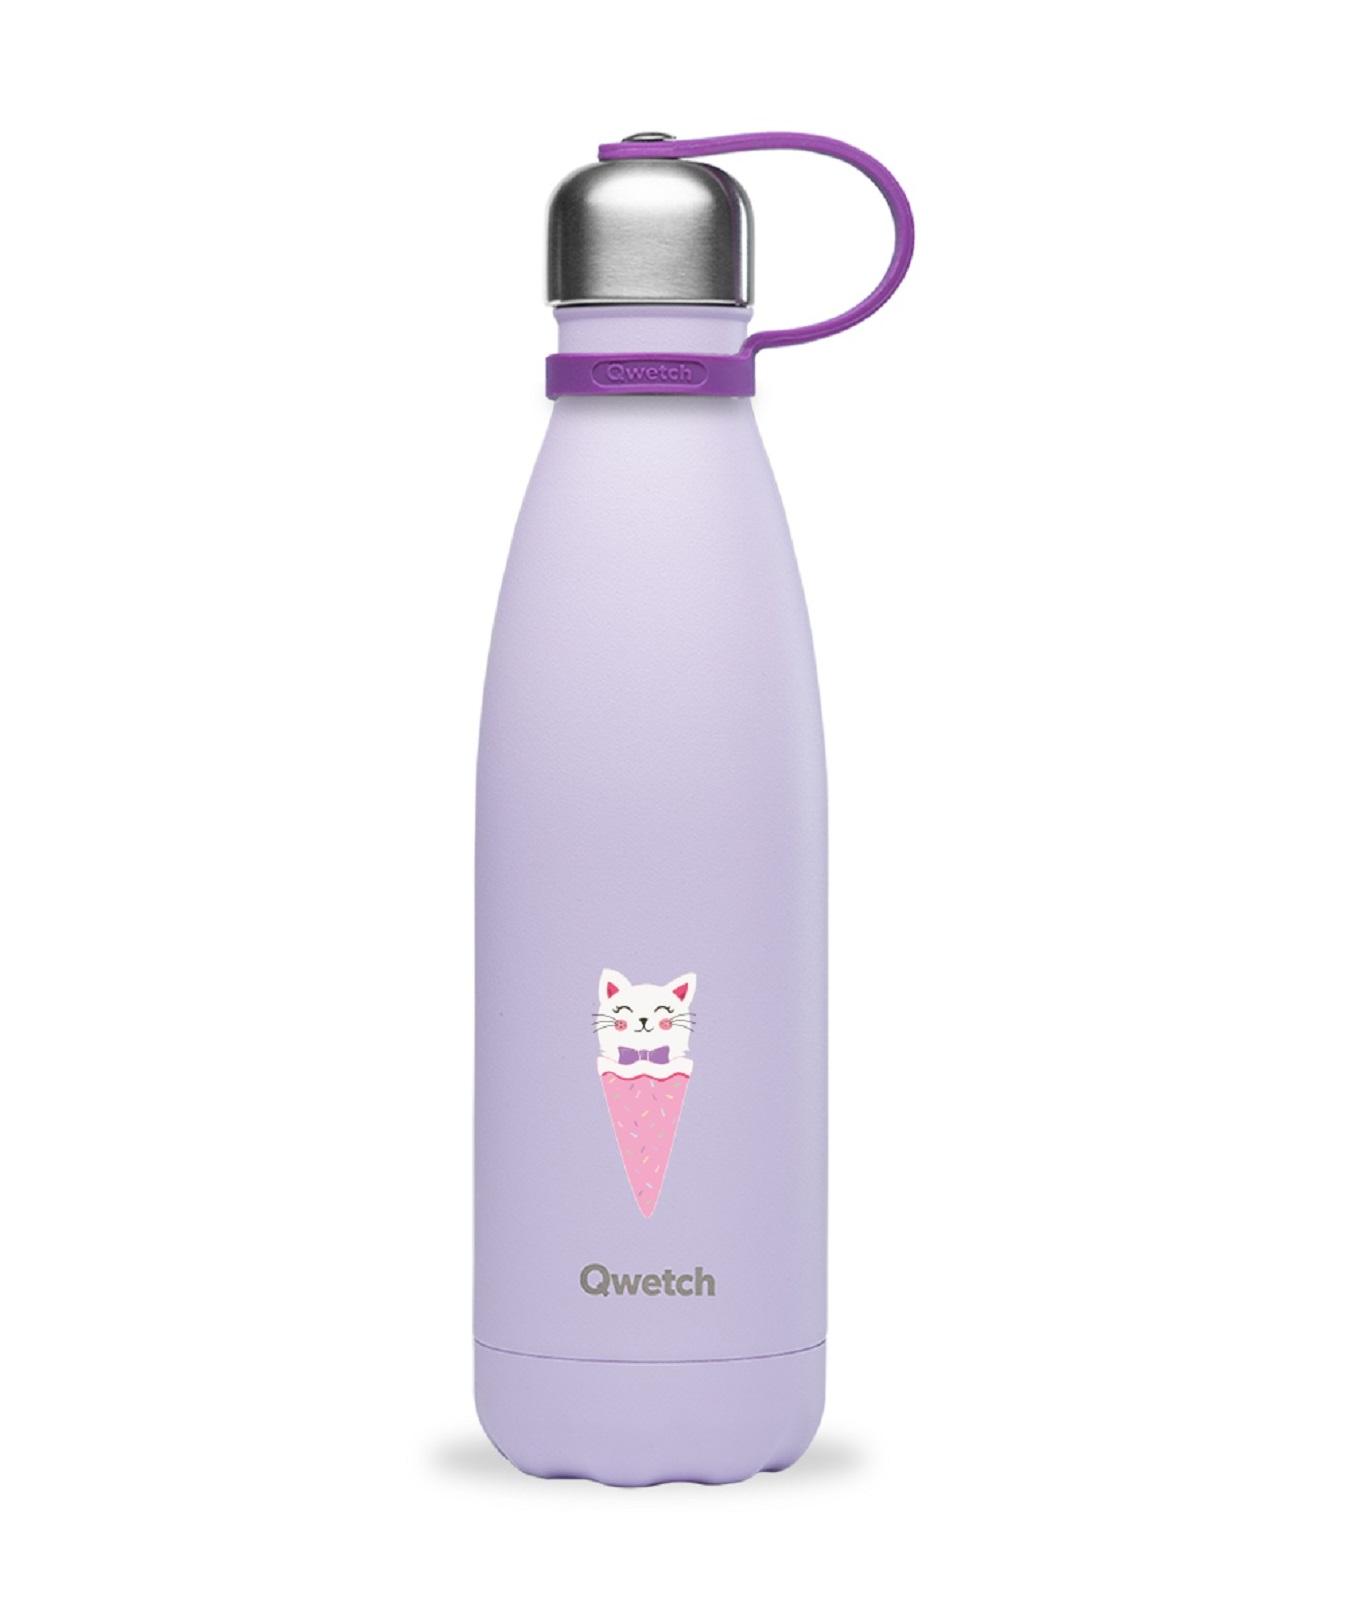 Онлайн каталог PROMENU: Термобутылка Qwetch KIDS, объем  0,5 л, светло-фиолетвый  QK9005